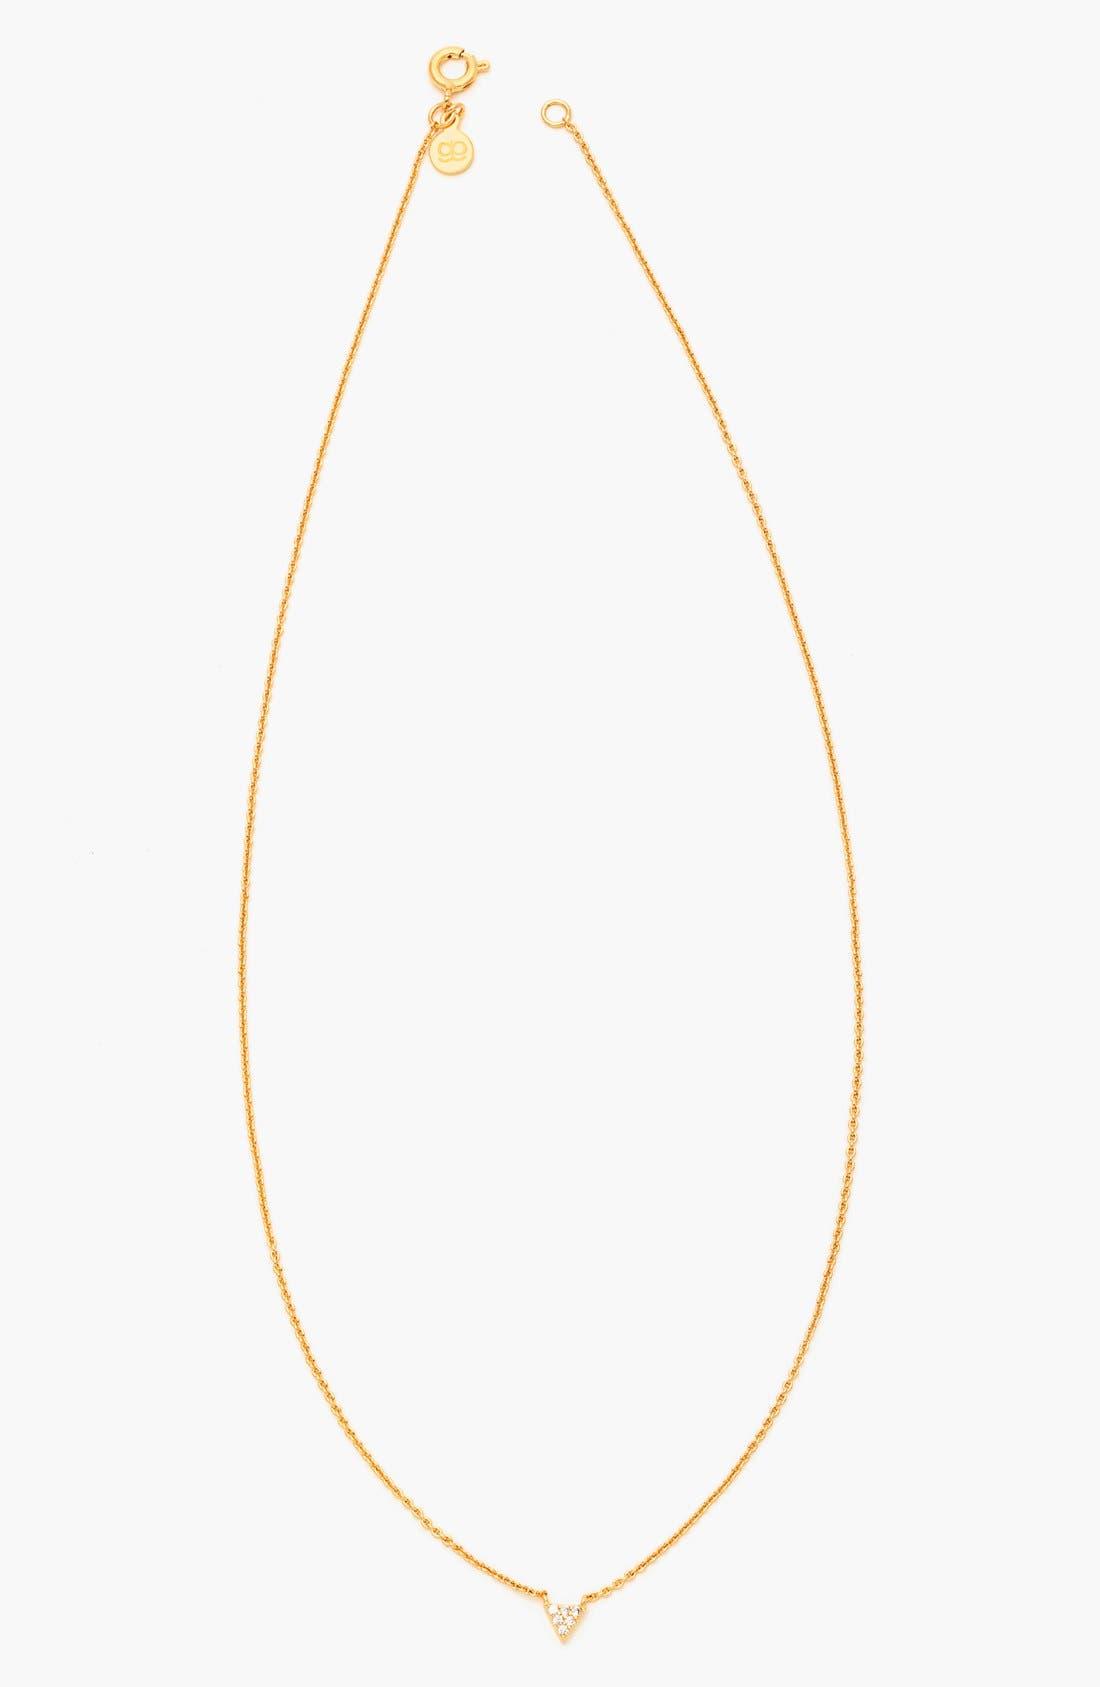 Main Image - gorjana 'Shimmer' Triangle Pendant Necklace